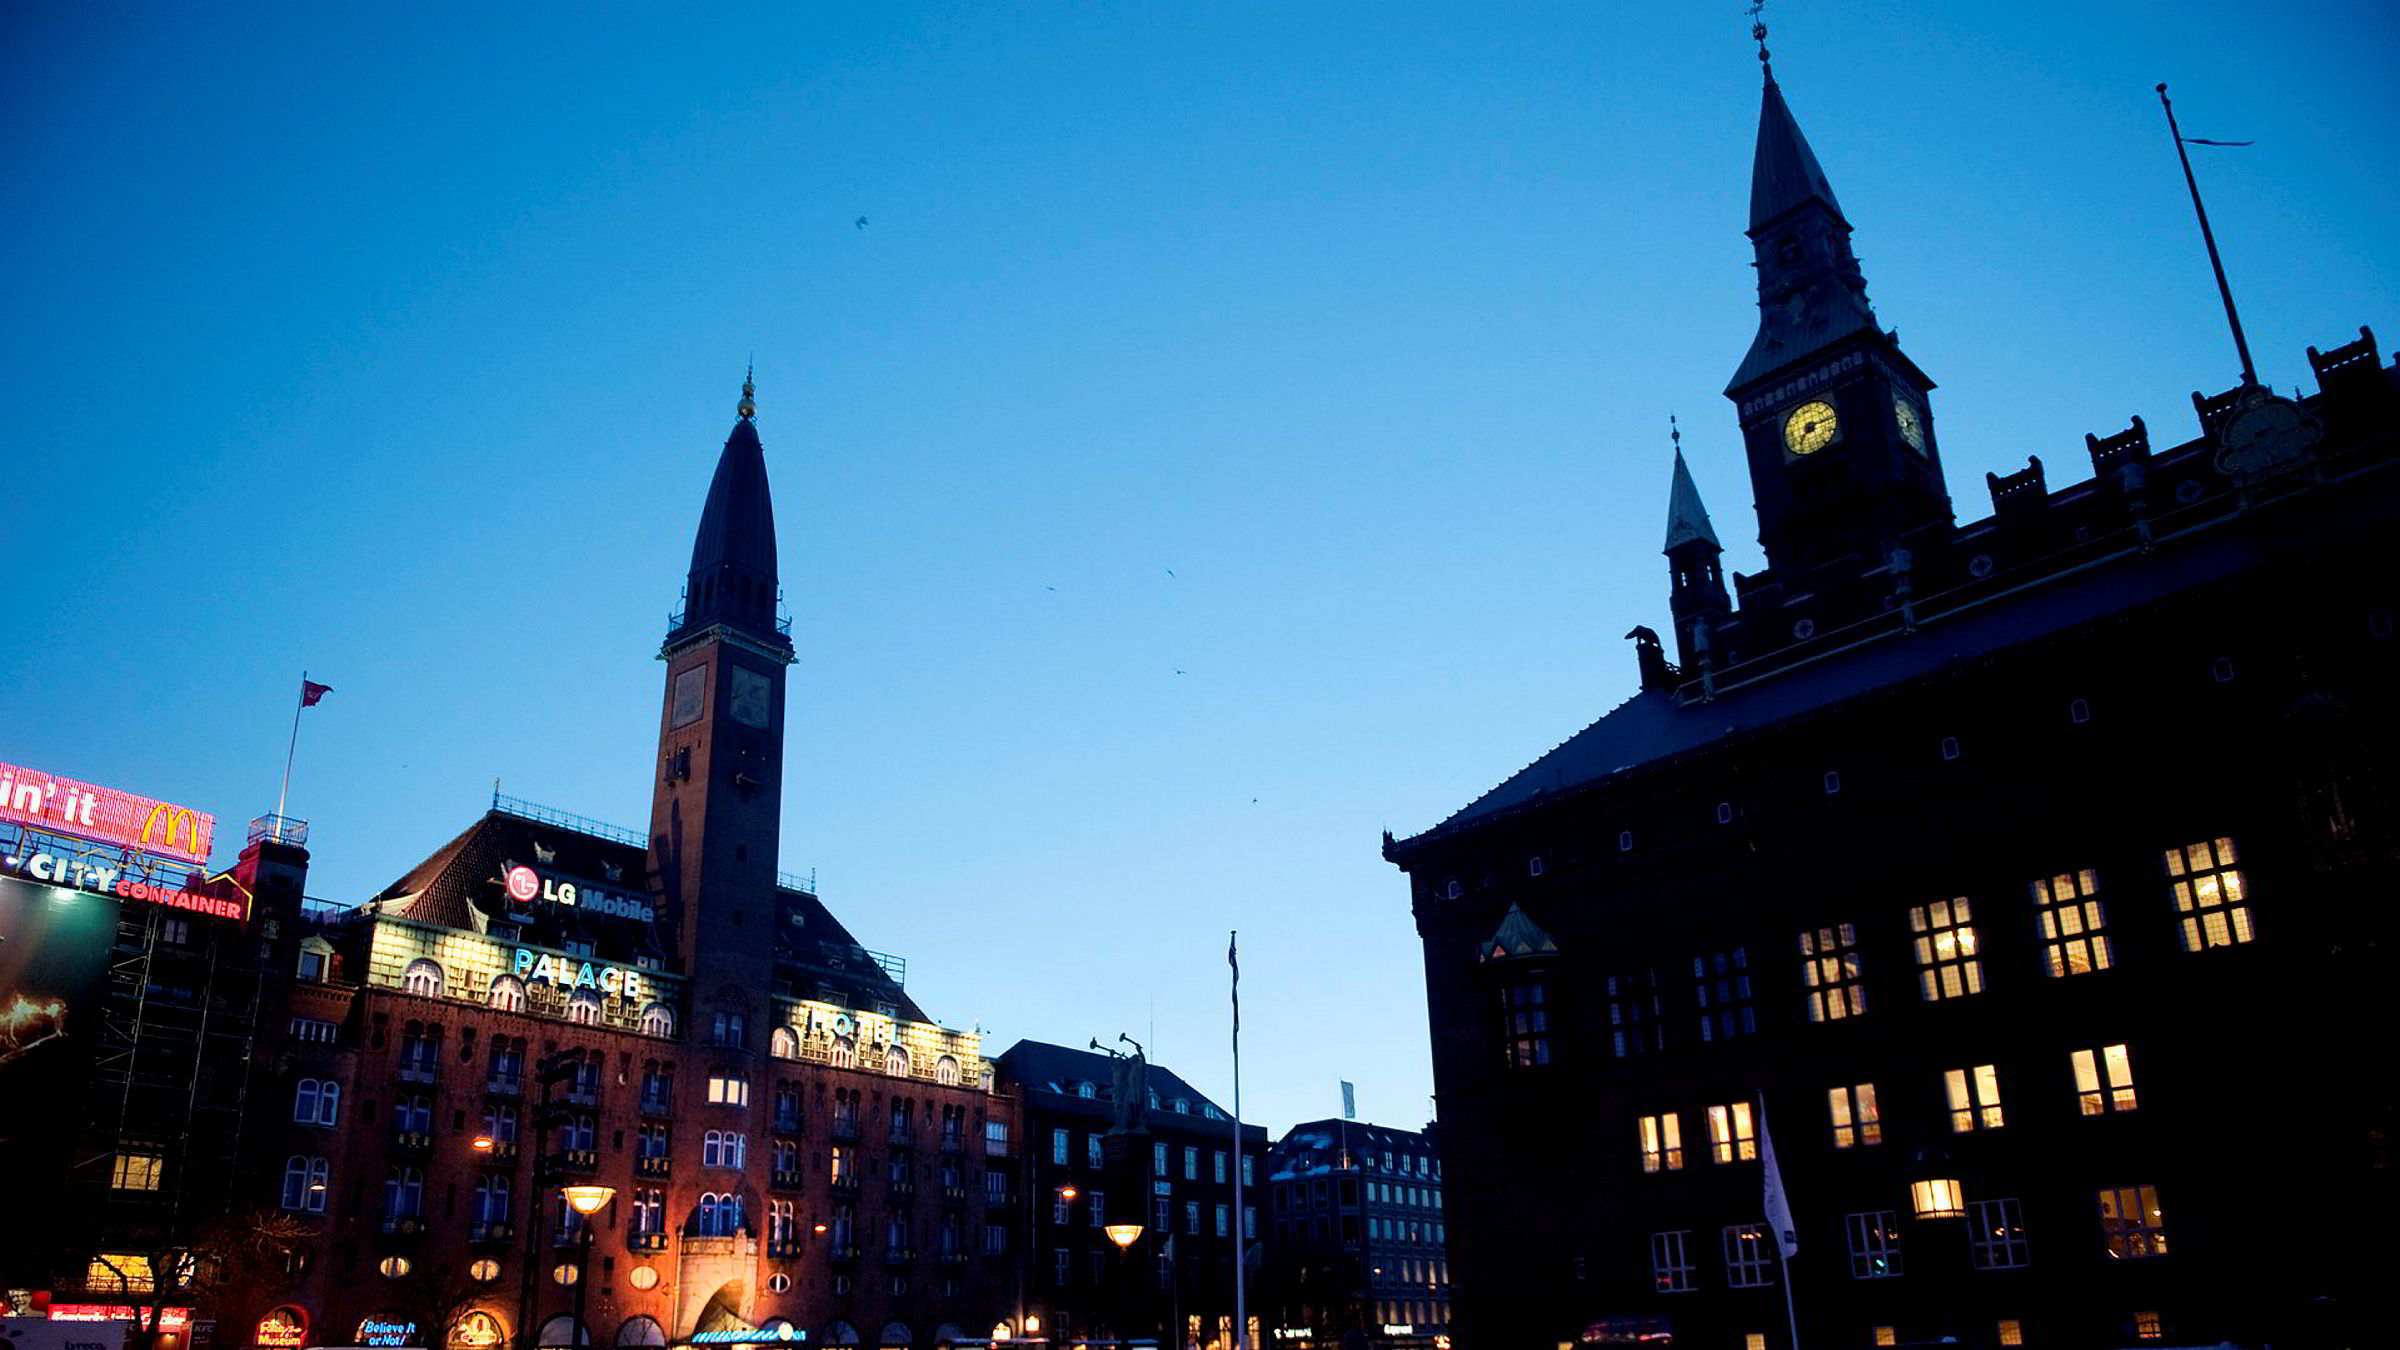 Danmark innførte 1992 en ordning hvor alle som flyttet til landet fikk en særlig lav skattesats i et visst antall år, så lenge de hadde inntekt over en viss grense. Effekten var umiddelbar, skriver artikkelforfatterne.